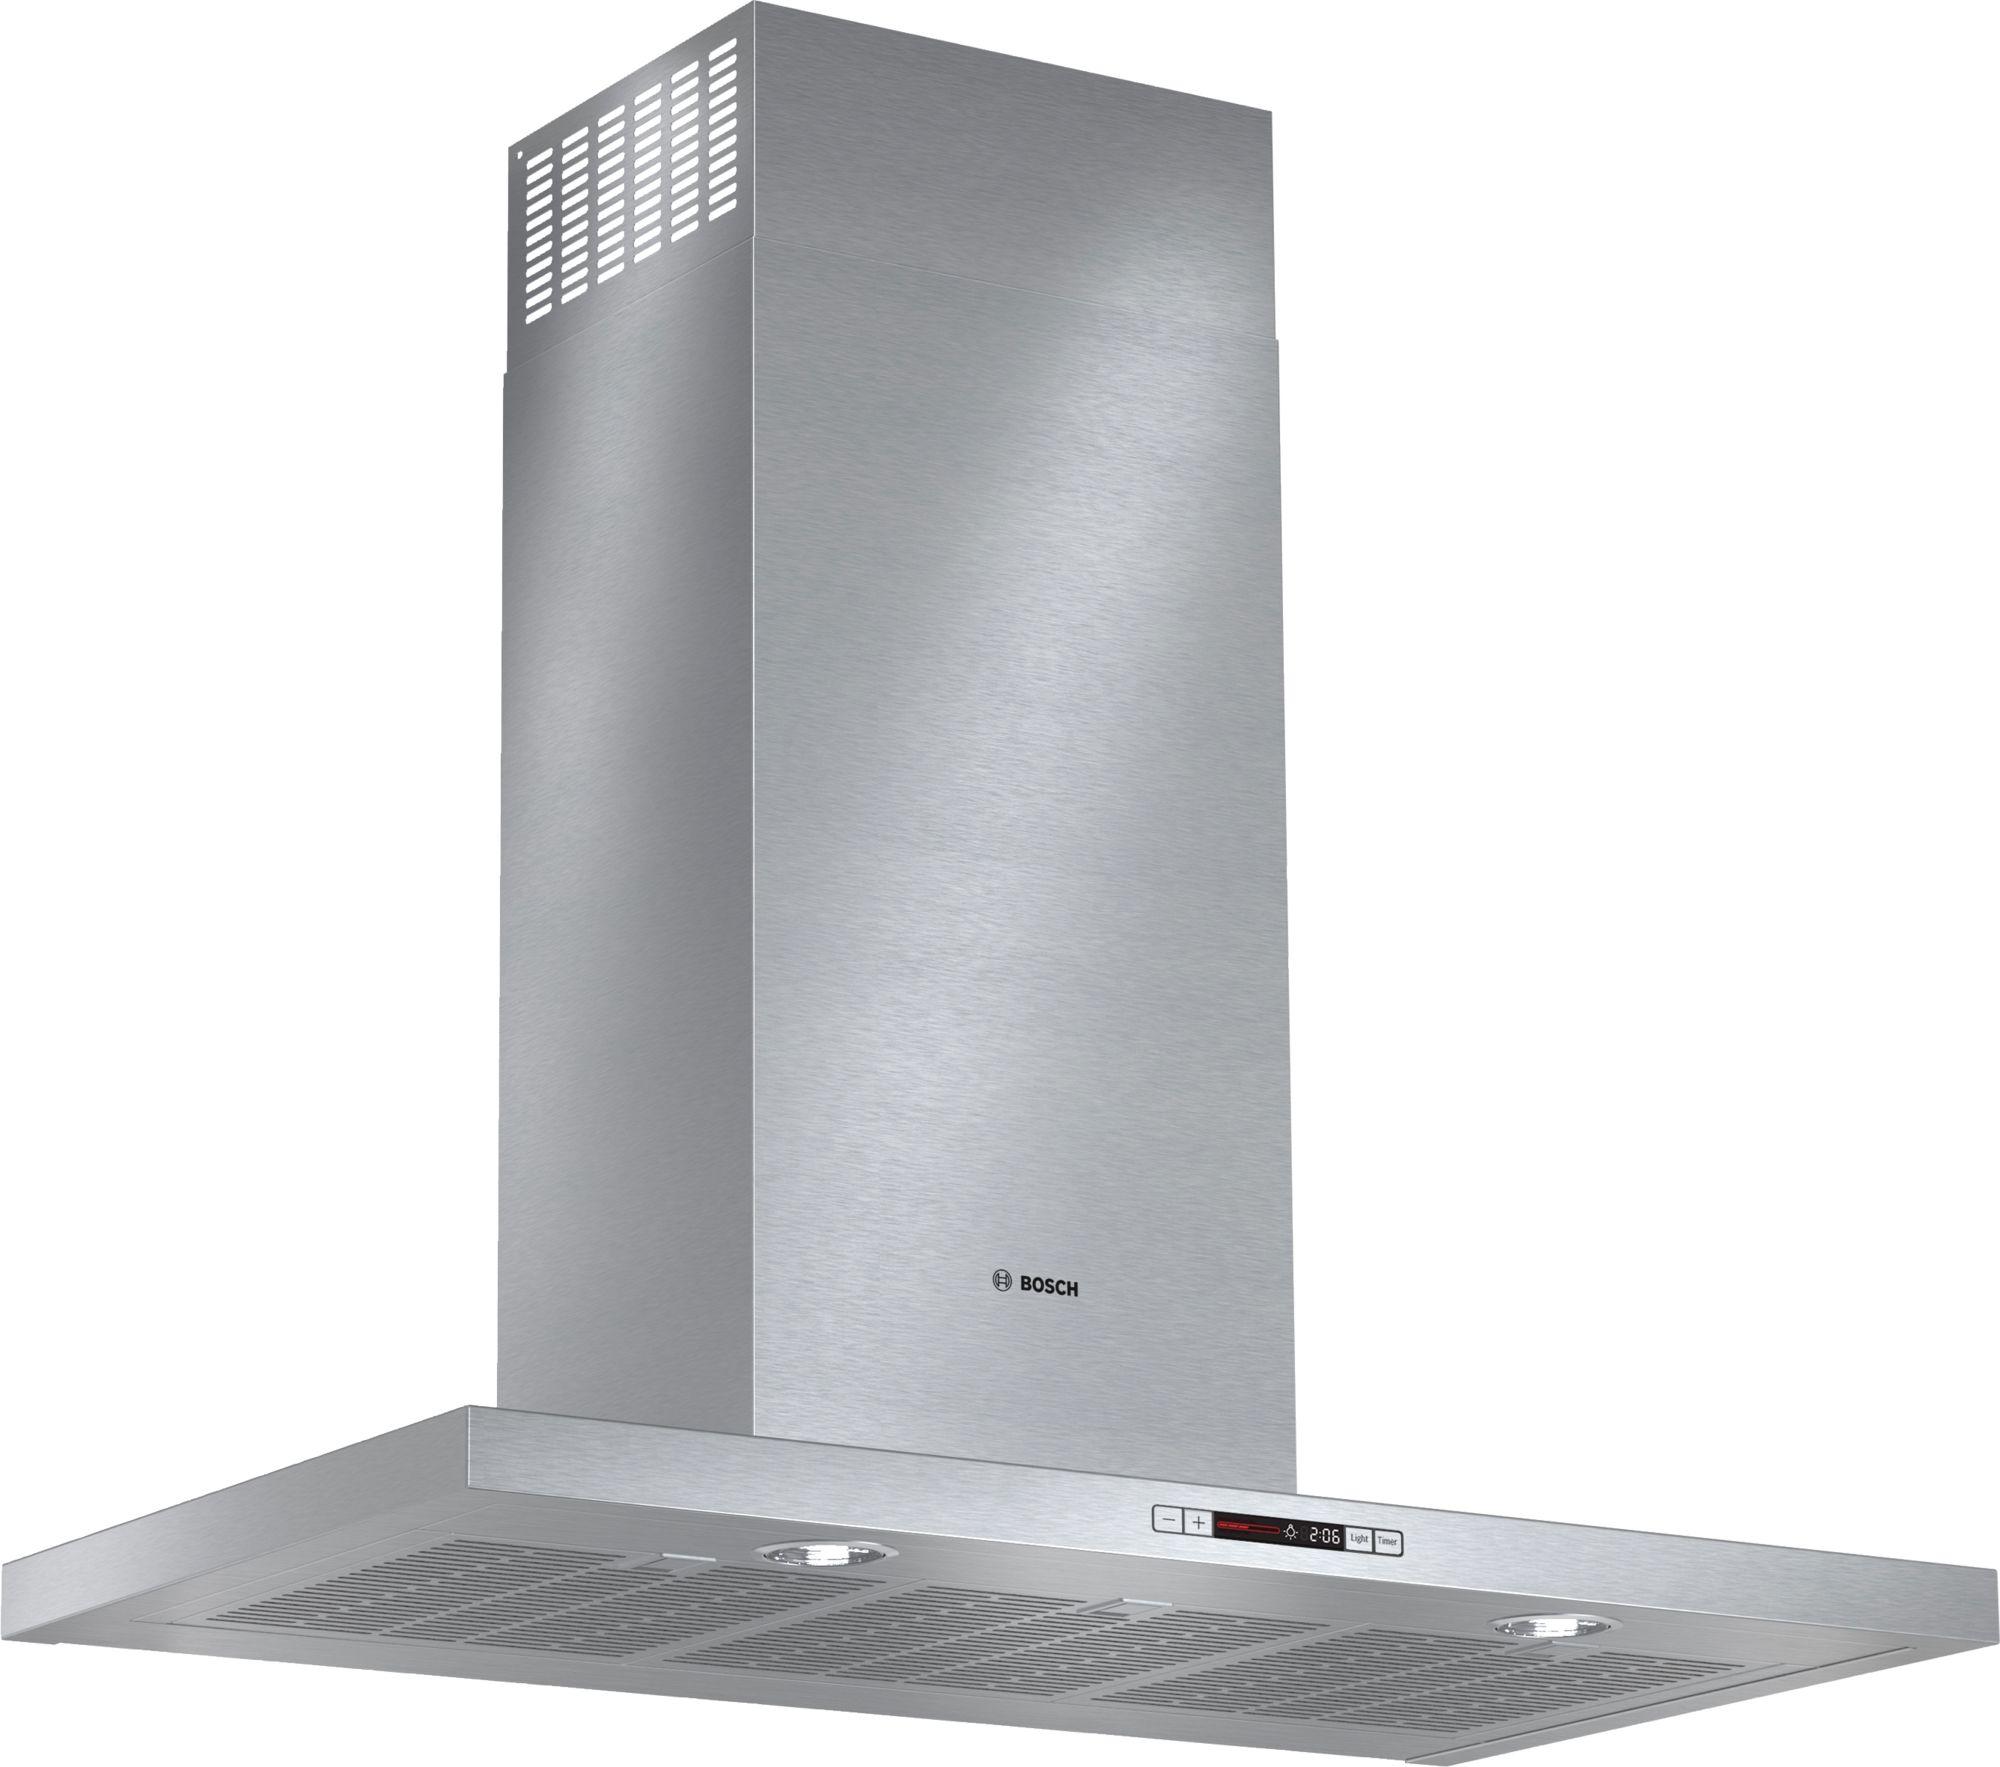 Bosch HCB56651UC 36